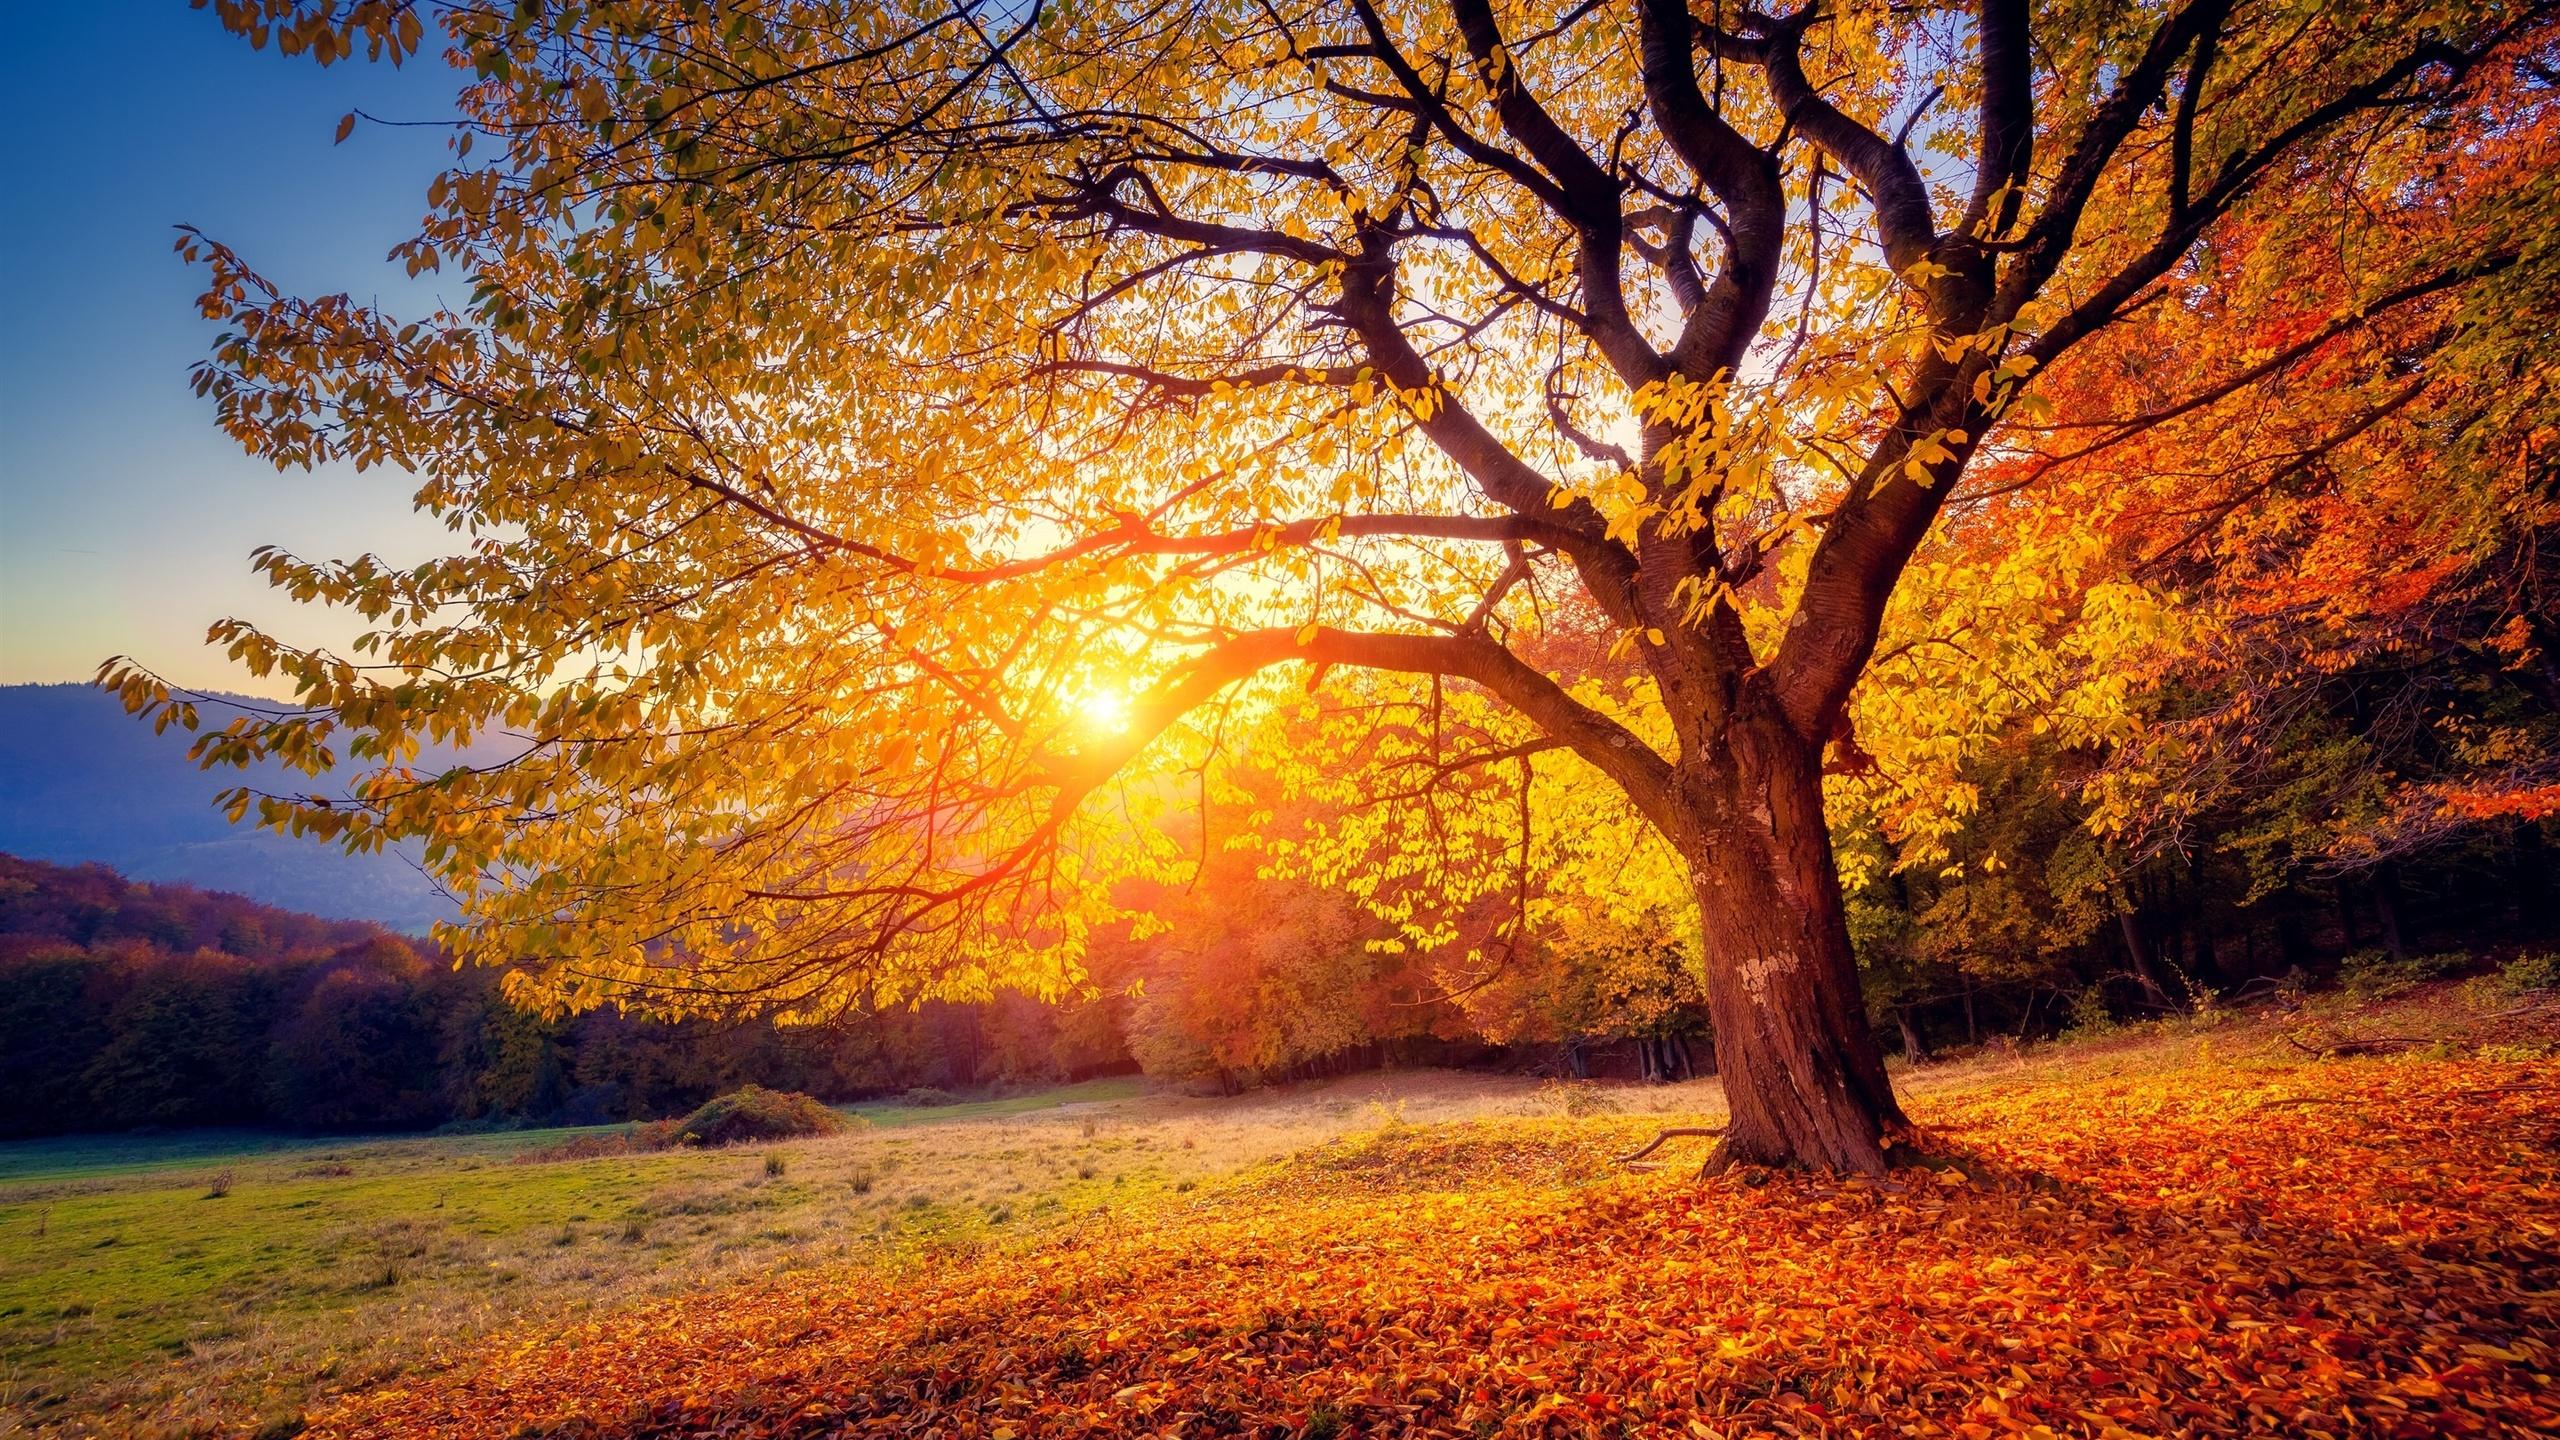 осень, лес, природа, солнце